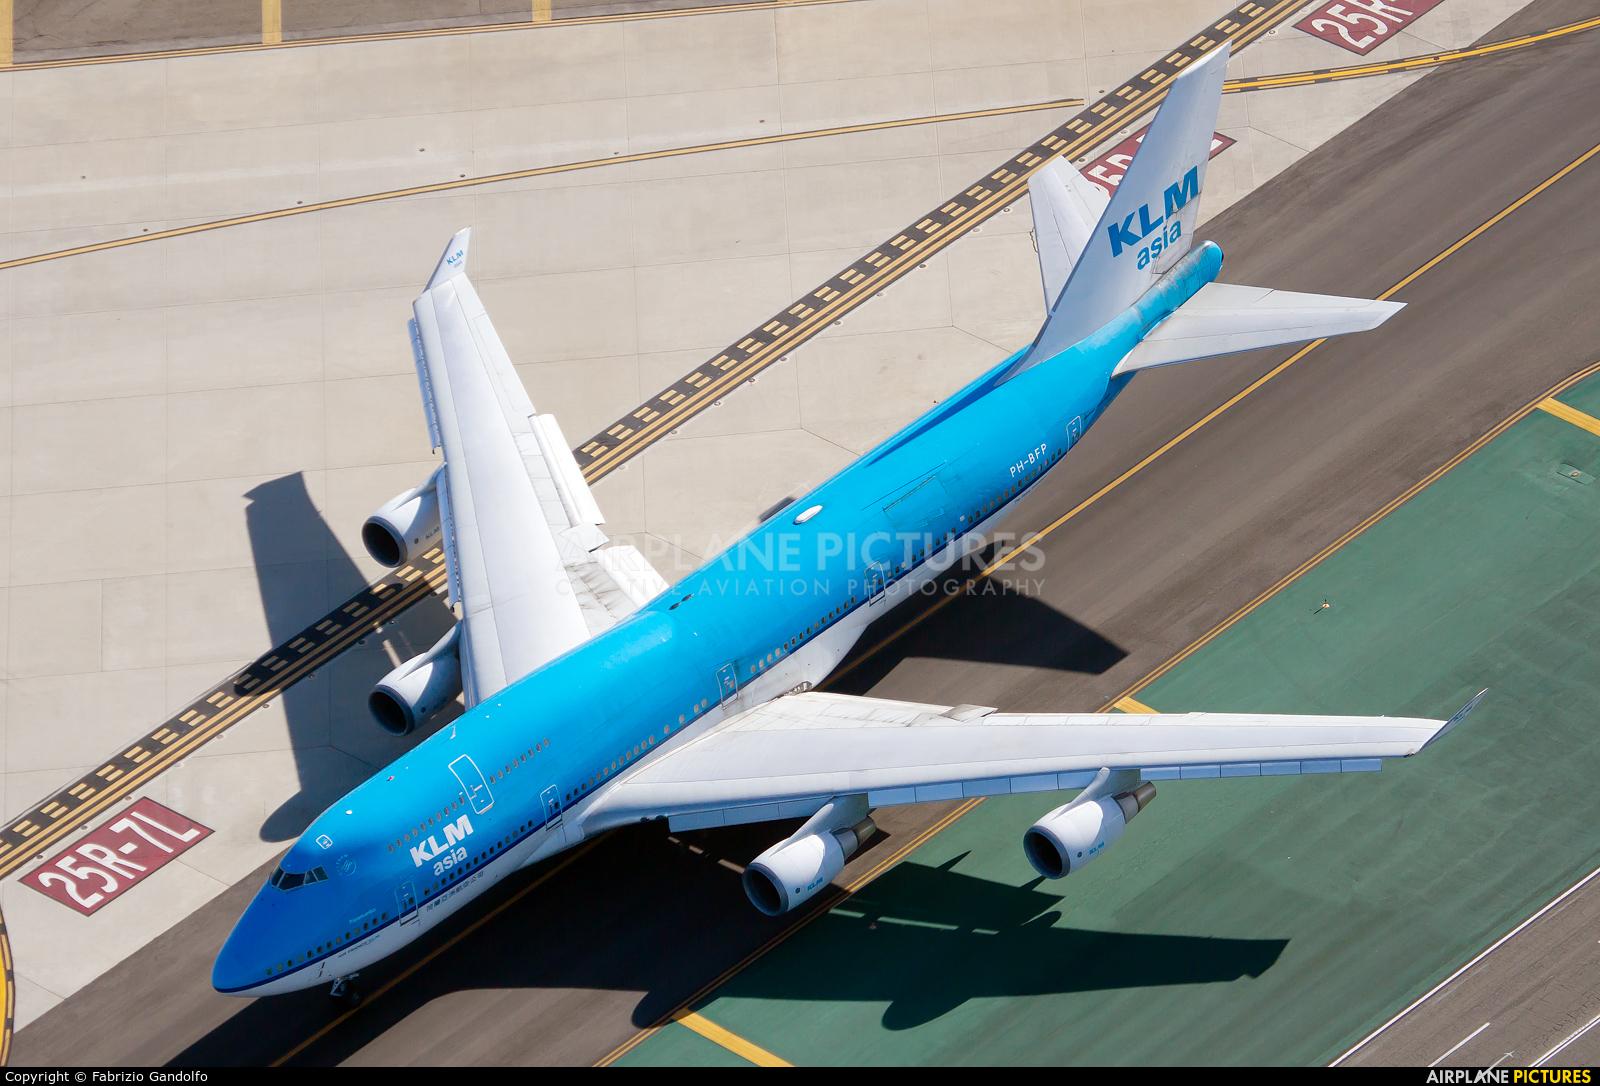 KLM Asia PH-BFP aircraft at Los Angeles Intl